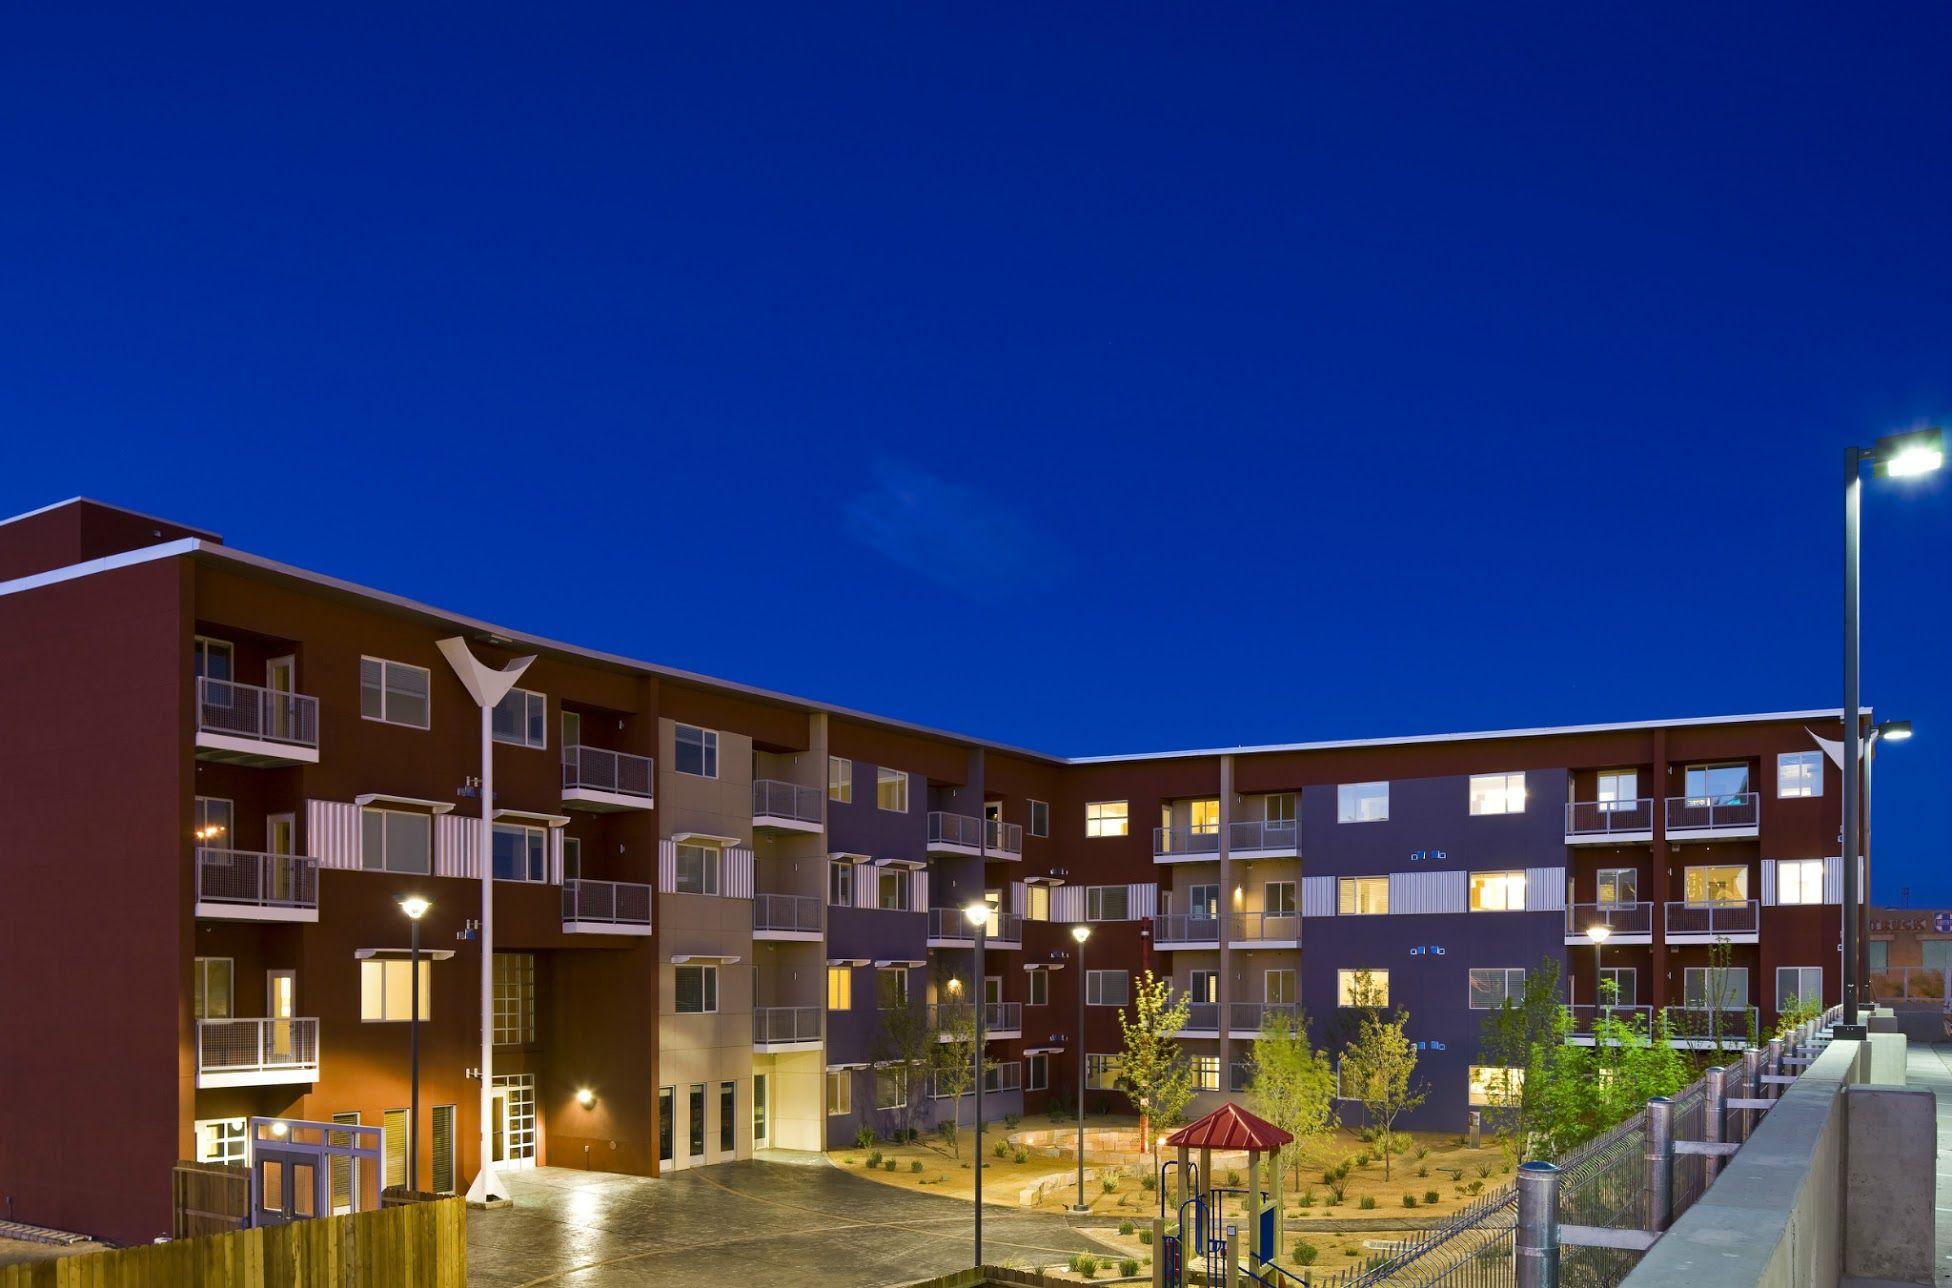 Silver Gardens Apartments (Albuquerque, NM) Commercial